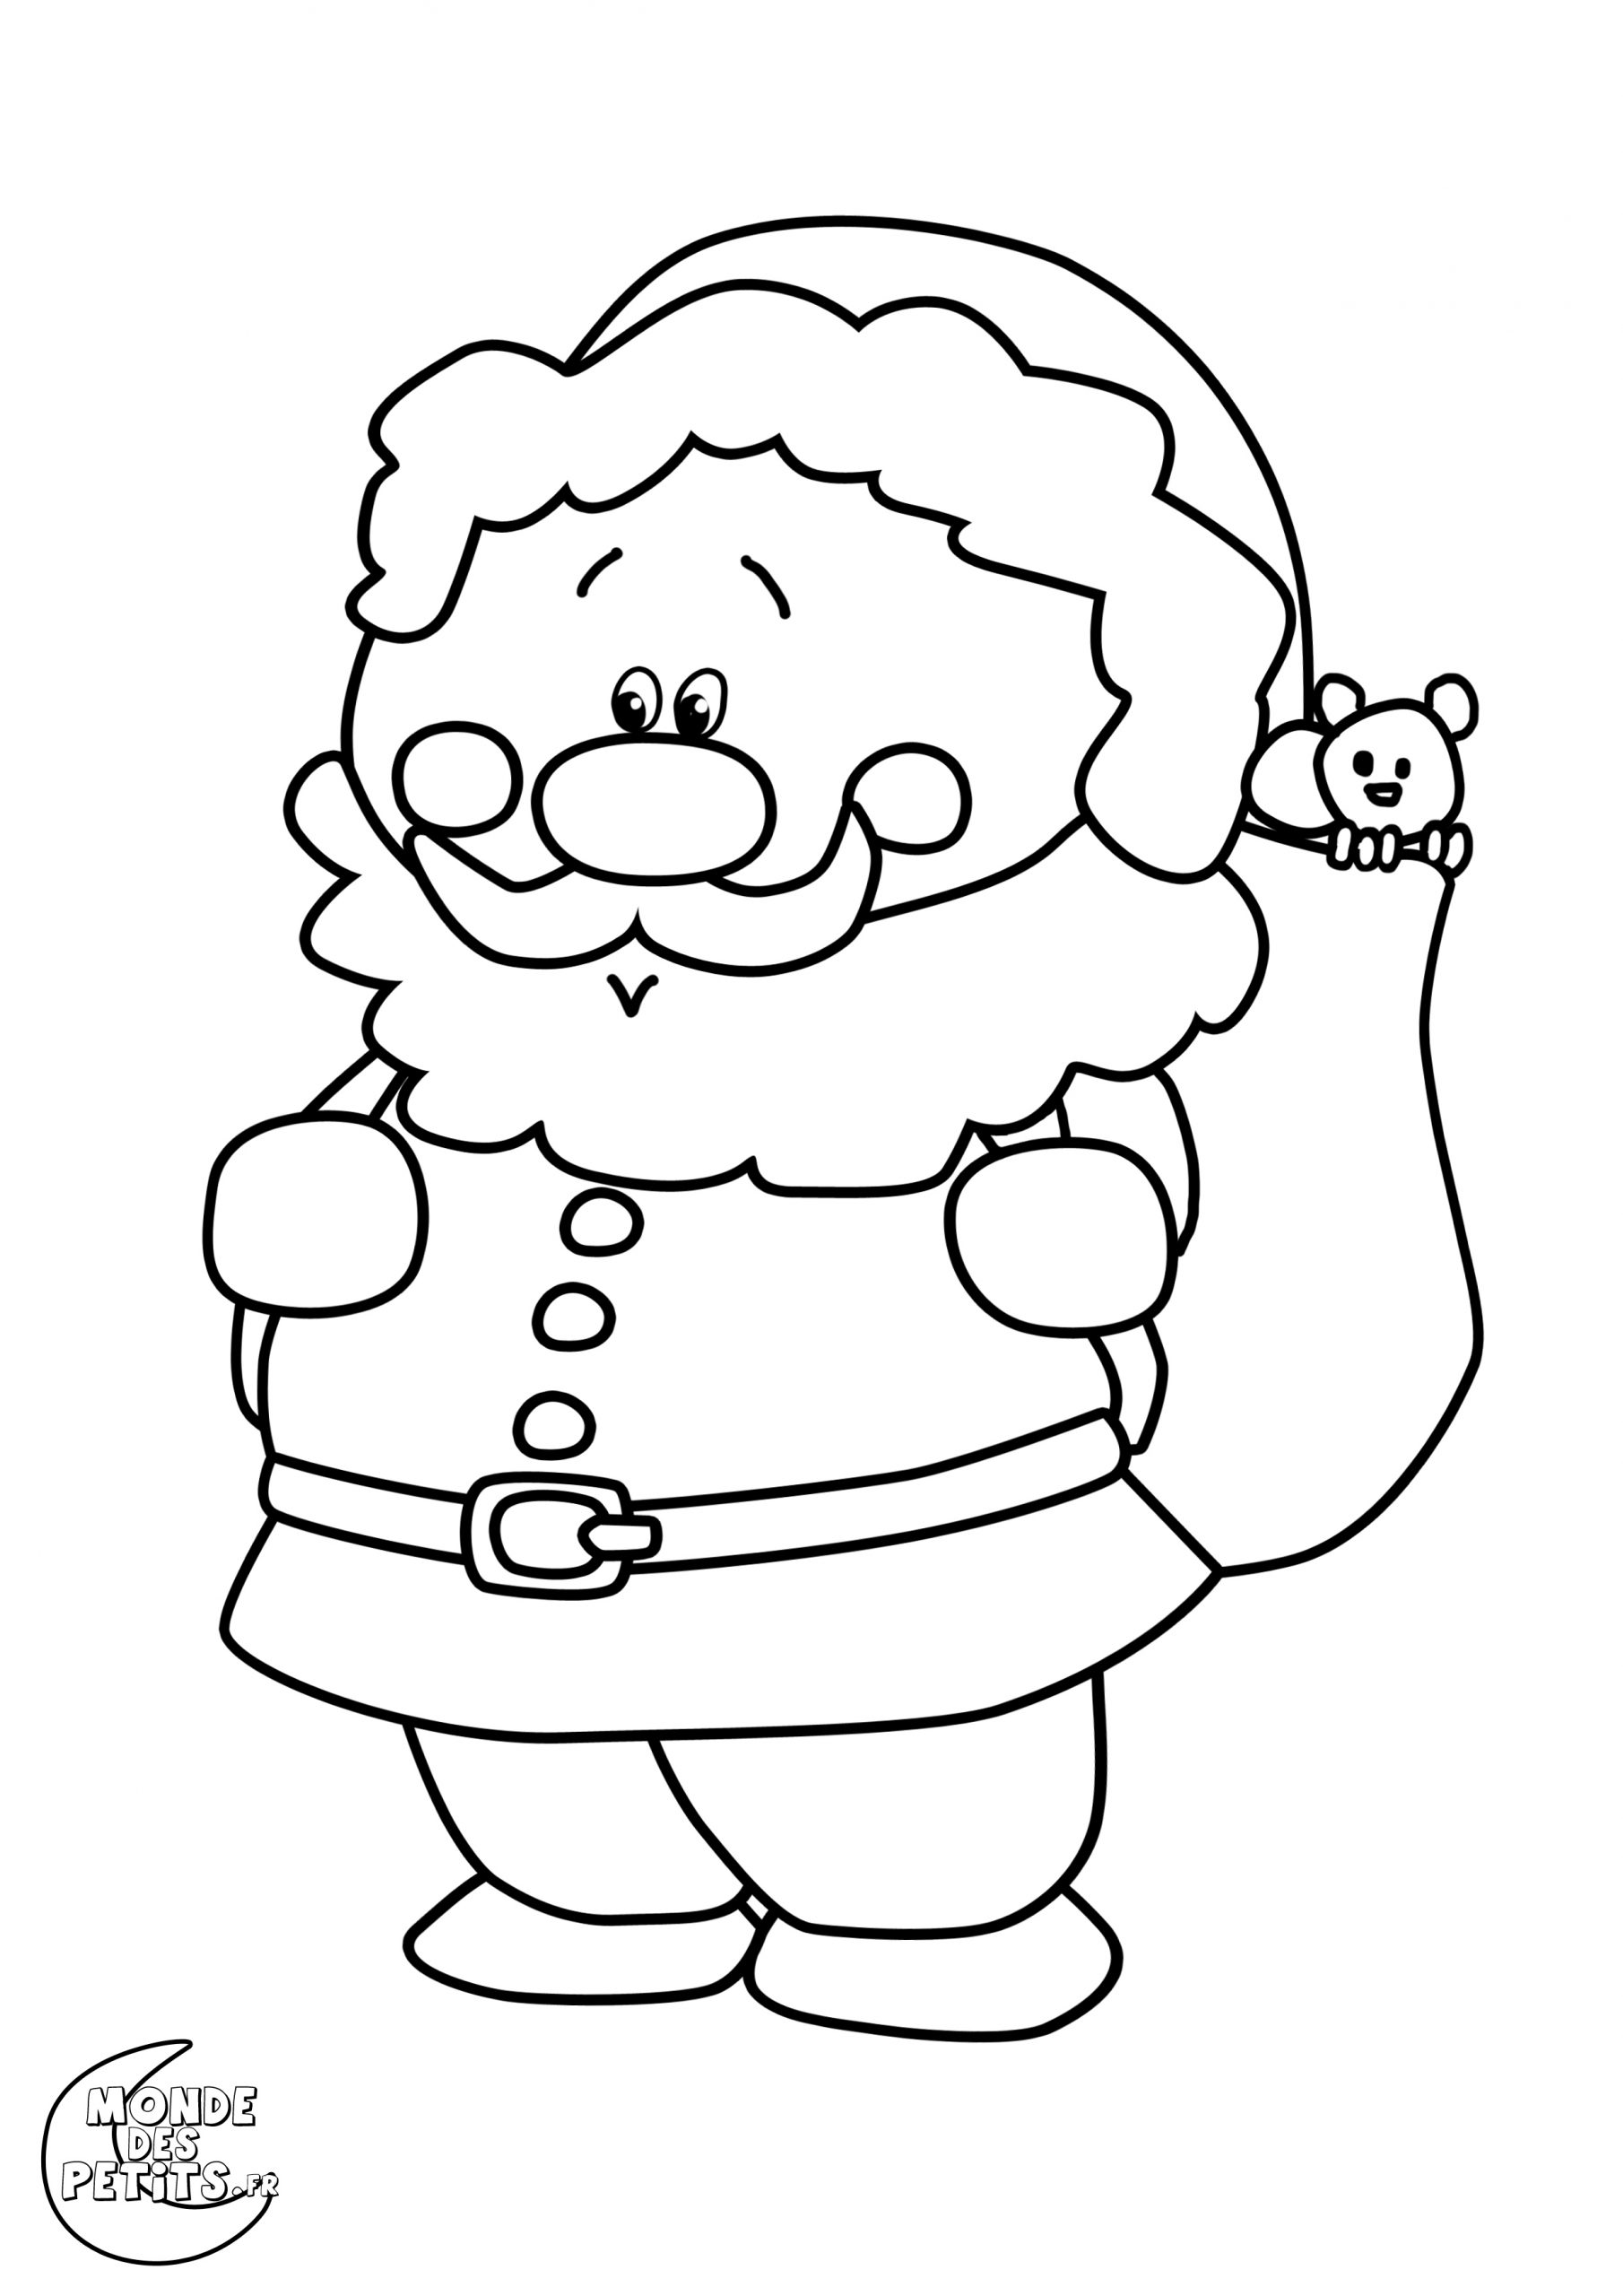 Monde Des Petits - Coloriages À Imprimer dedans Coloriage De Père Noel Gratuit A Imprimer